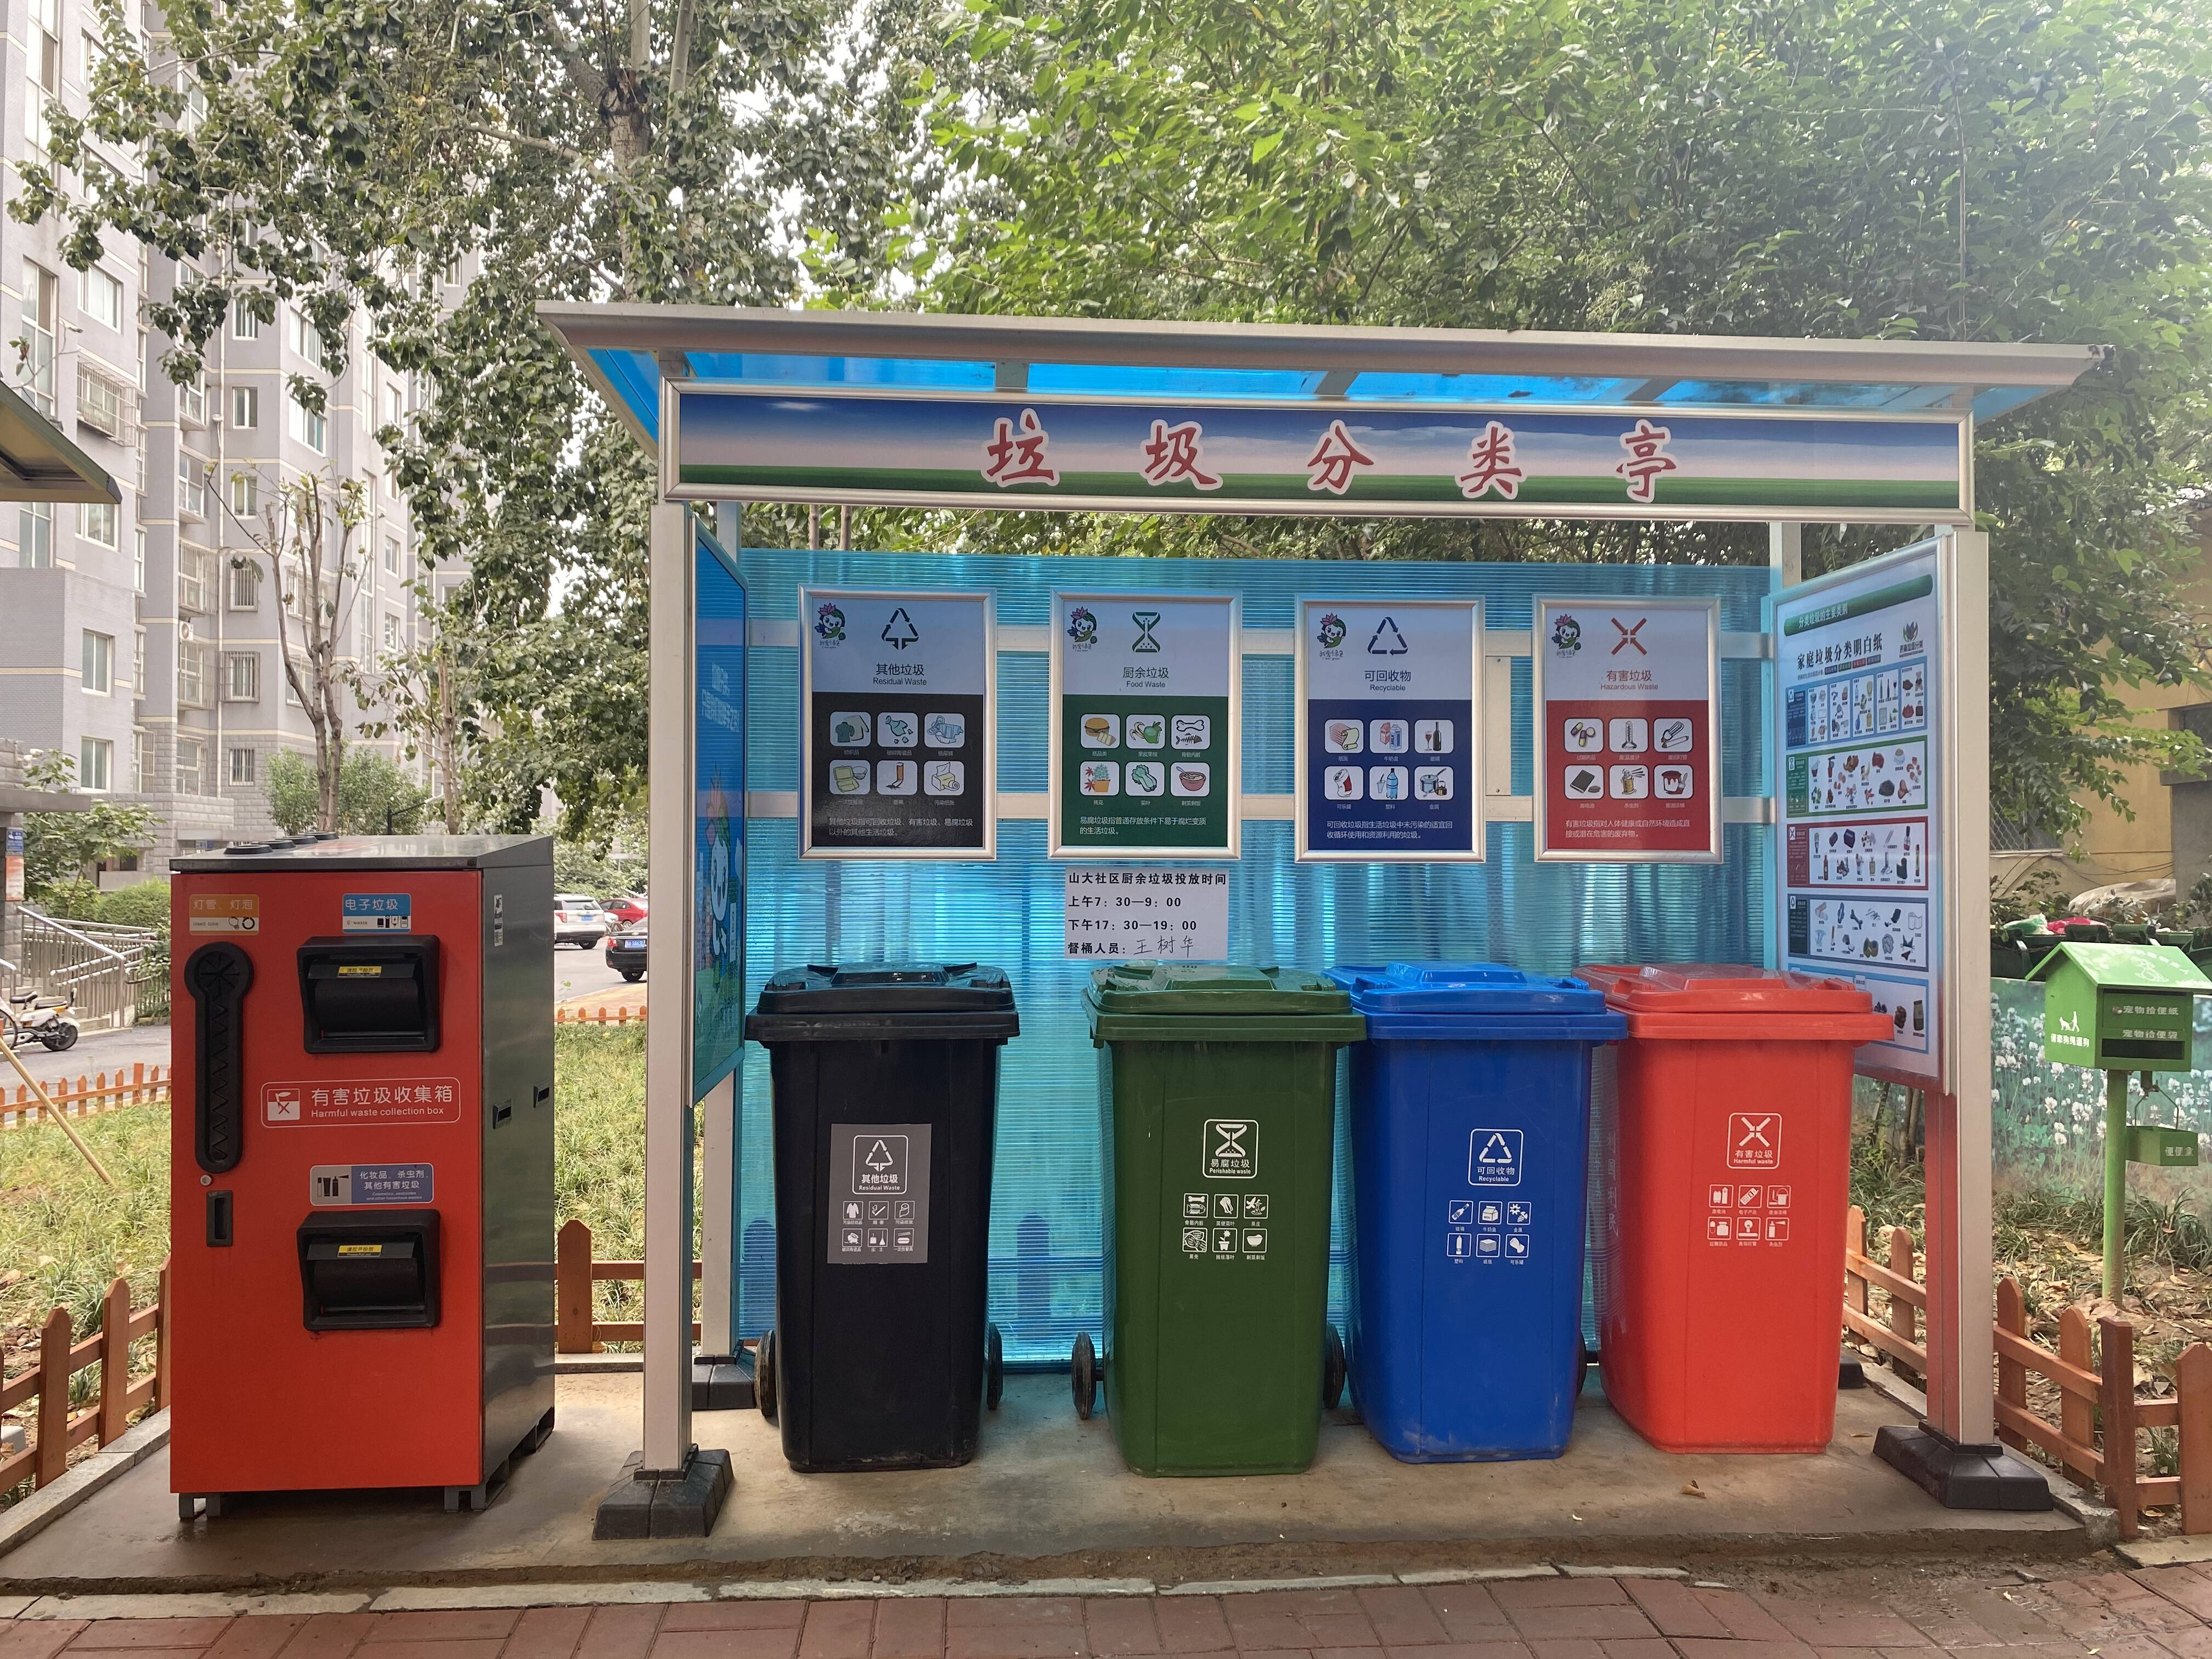 济南一社区分类垃圾桶倒扣成摆设 社区回应:老旧小区改造修路导致,现已整改